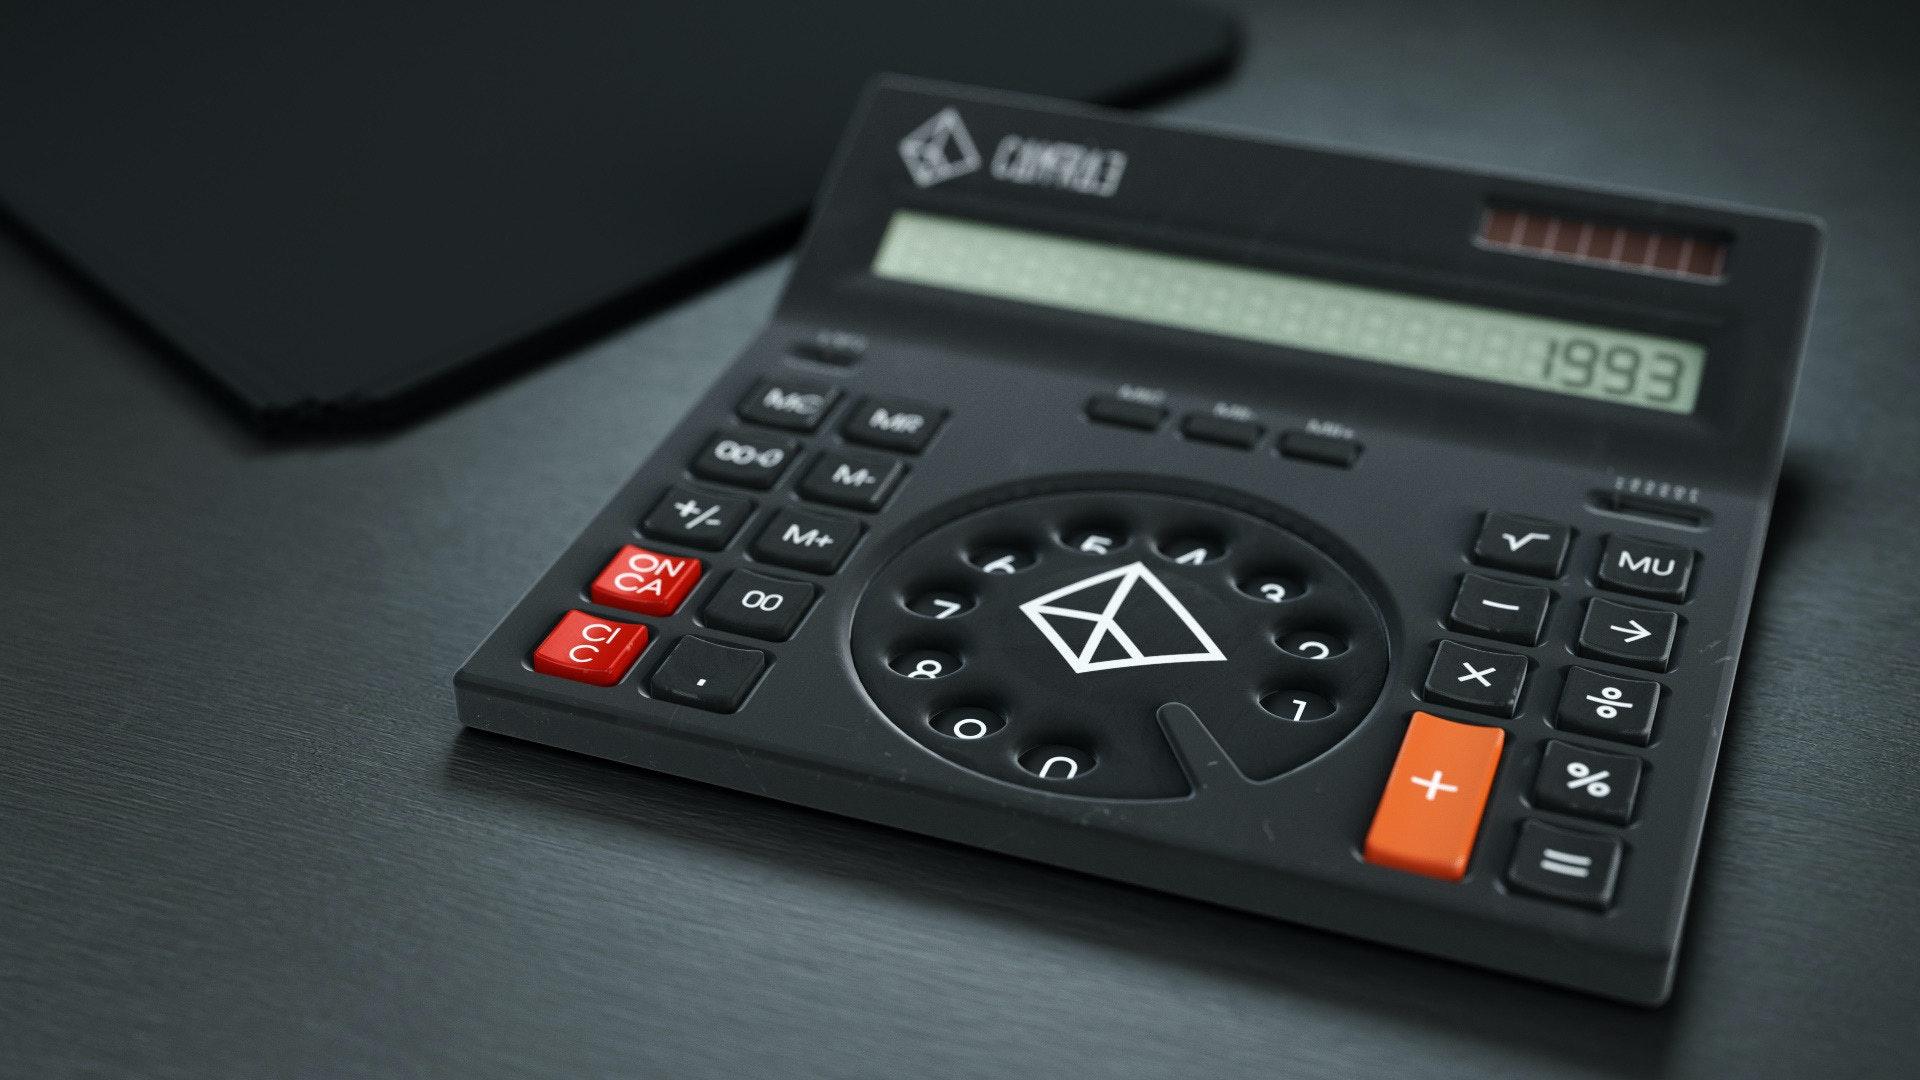 照片中提到了COFRA、E66、MU,包含了電話、設計、平面設計、產品設計、設計師